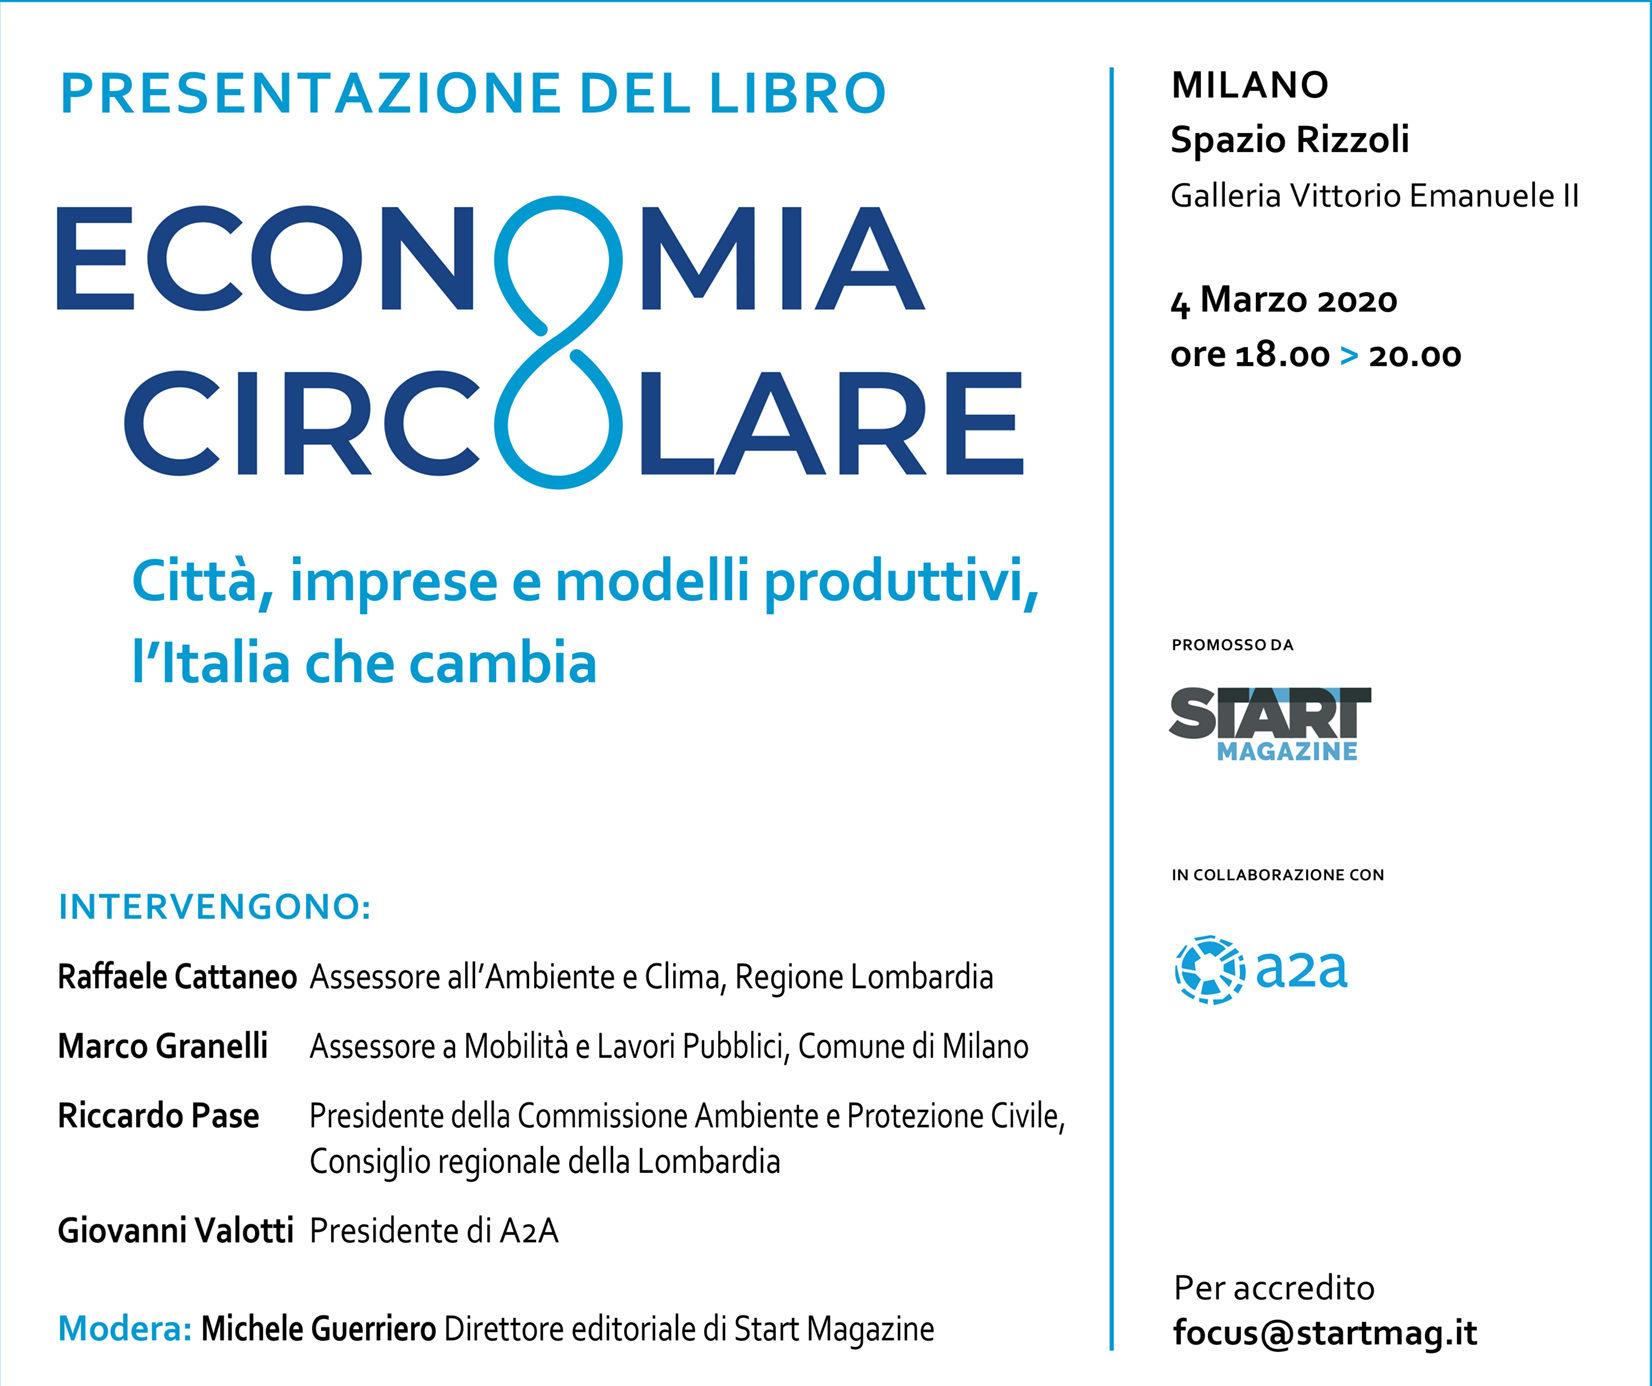 Start Magazine Presenta Il Libro Economia Circolare A Milano Il 4 Marzo